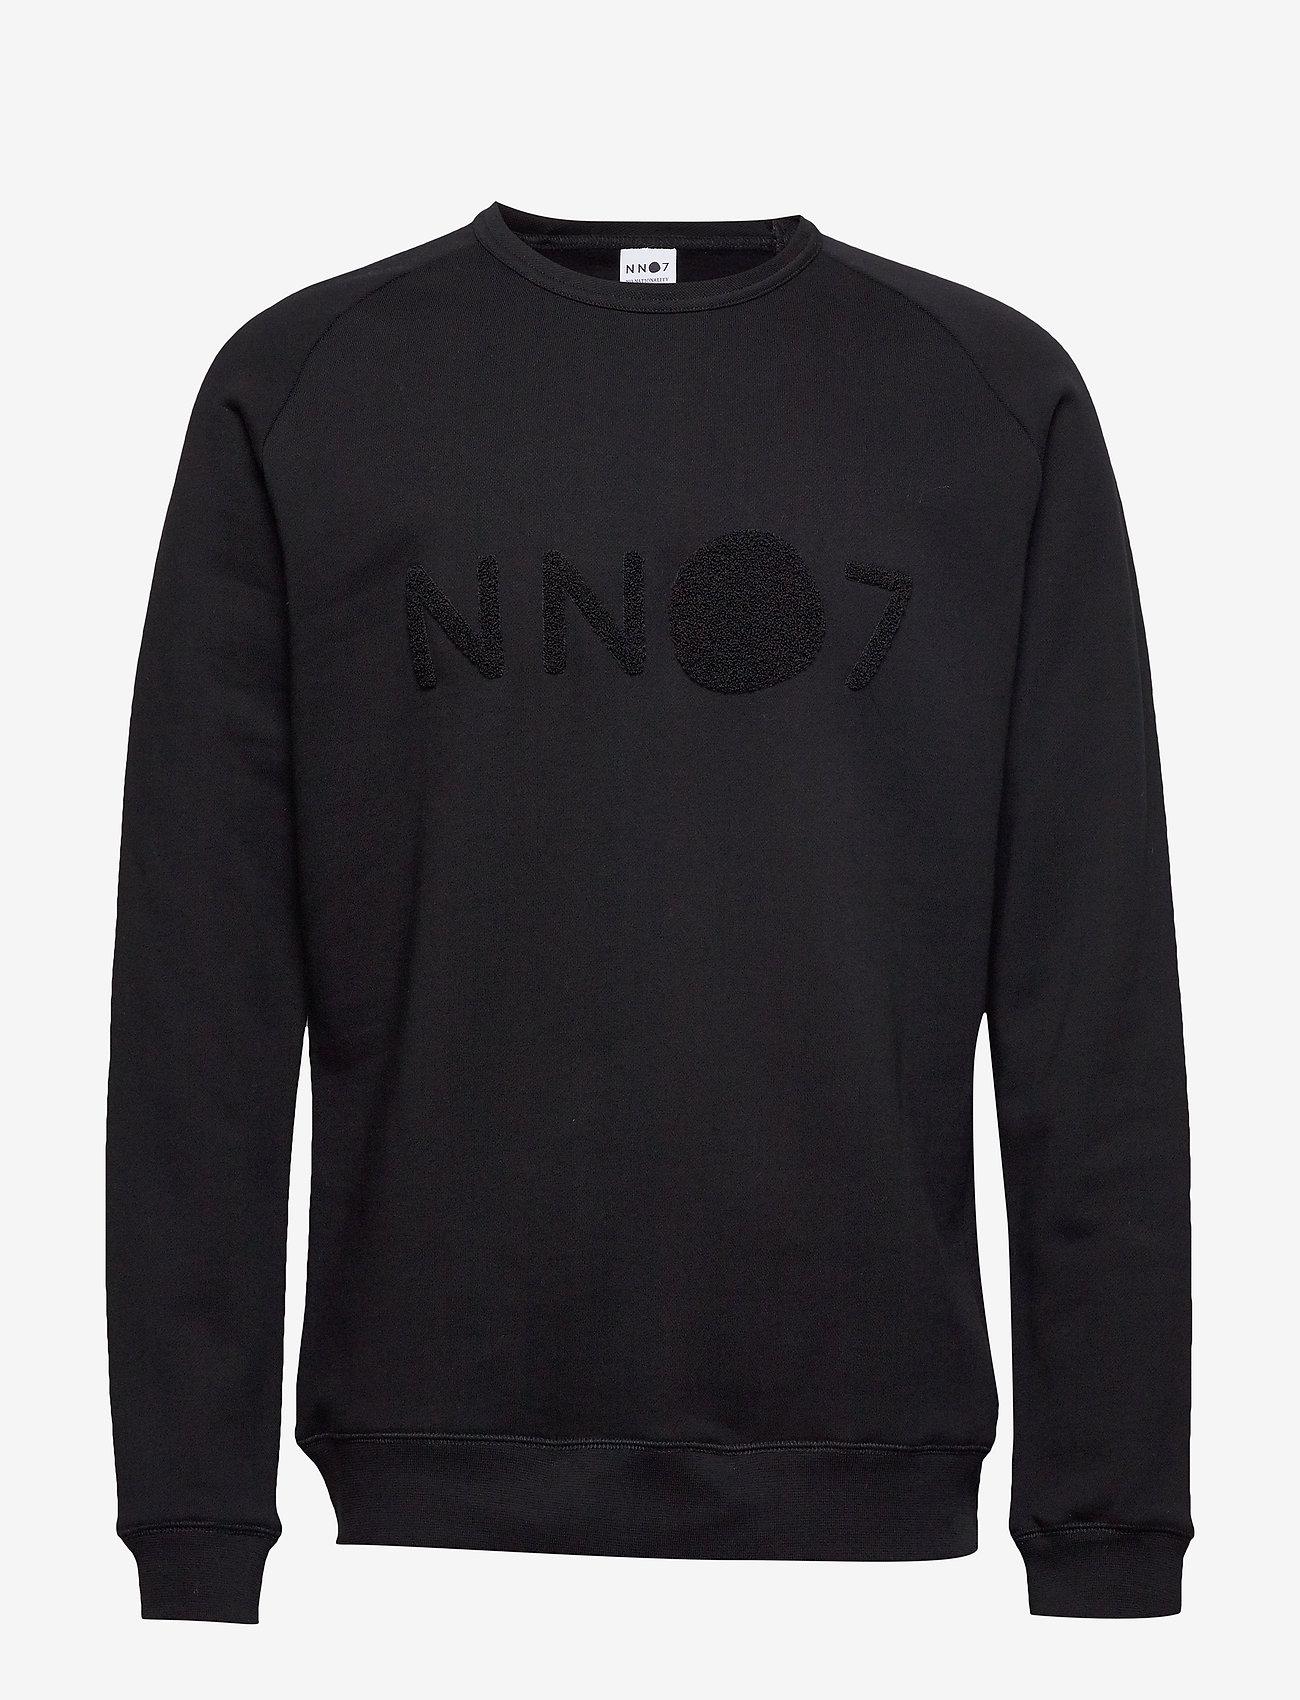 Robin Sweatshirt 3385 (Black) - NN07 mmDxB7